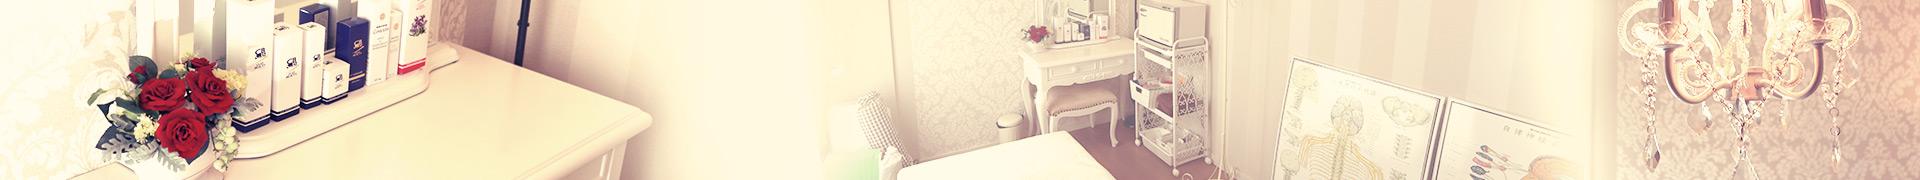 美容カイロClover 室内の様子